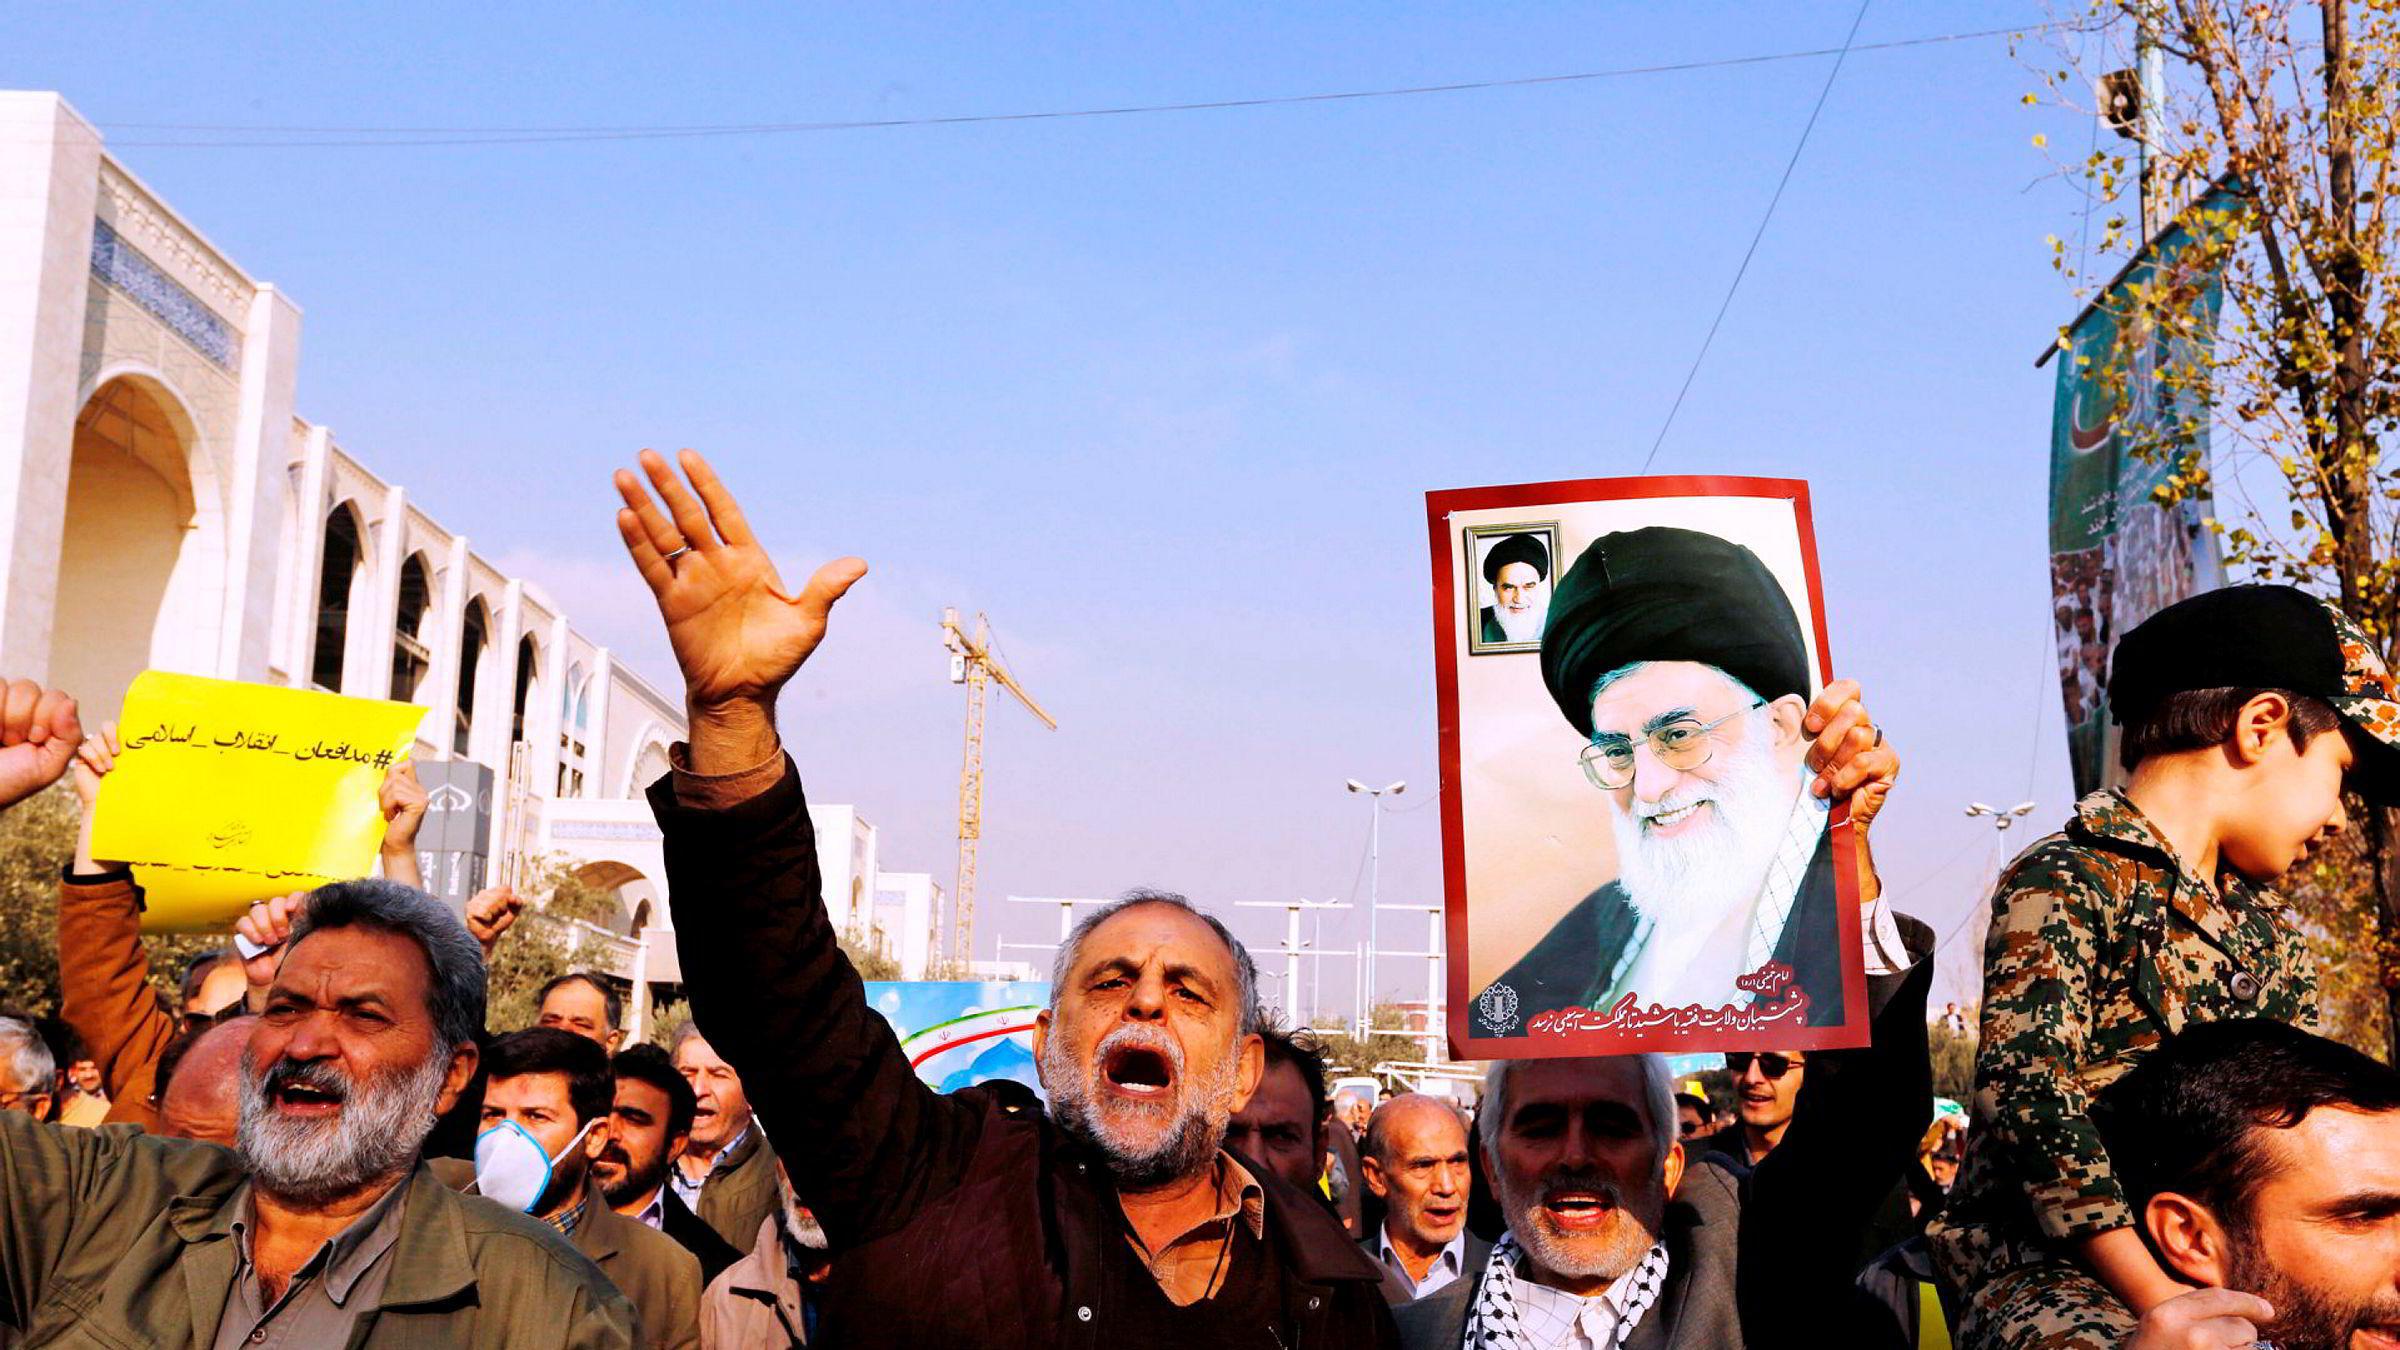 De siste dagene har tusenvis av iranere tatt til gatene for å vise sin støtte til myndighetene etter opptøyer som startet sist torsdag. Her fra en demonstrasjon i forbindelse med fredagsbønnen i Teheran.